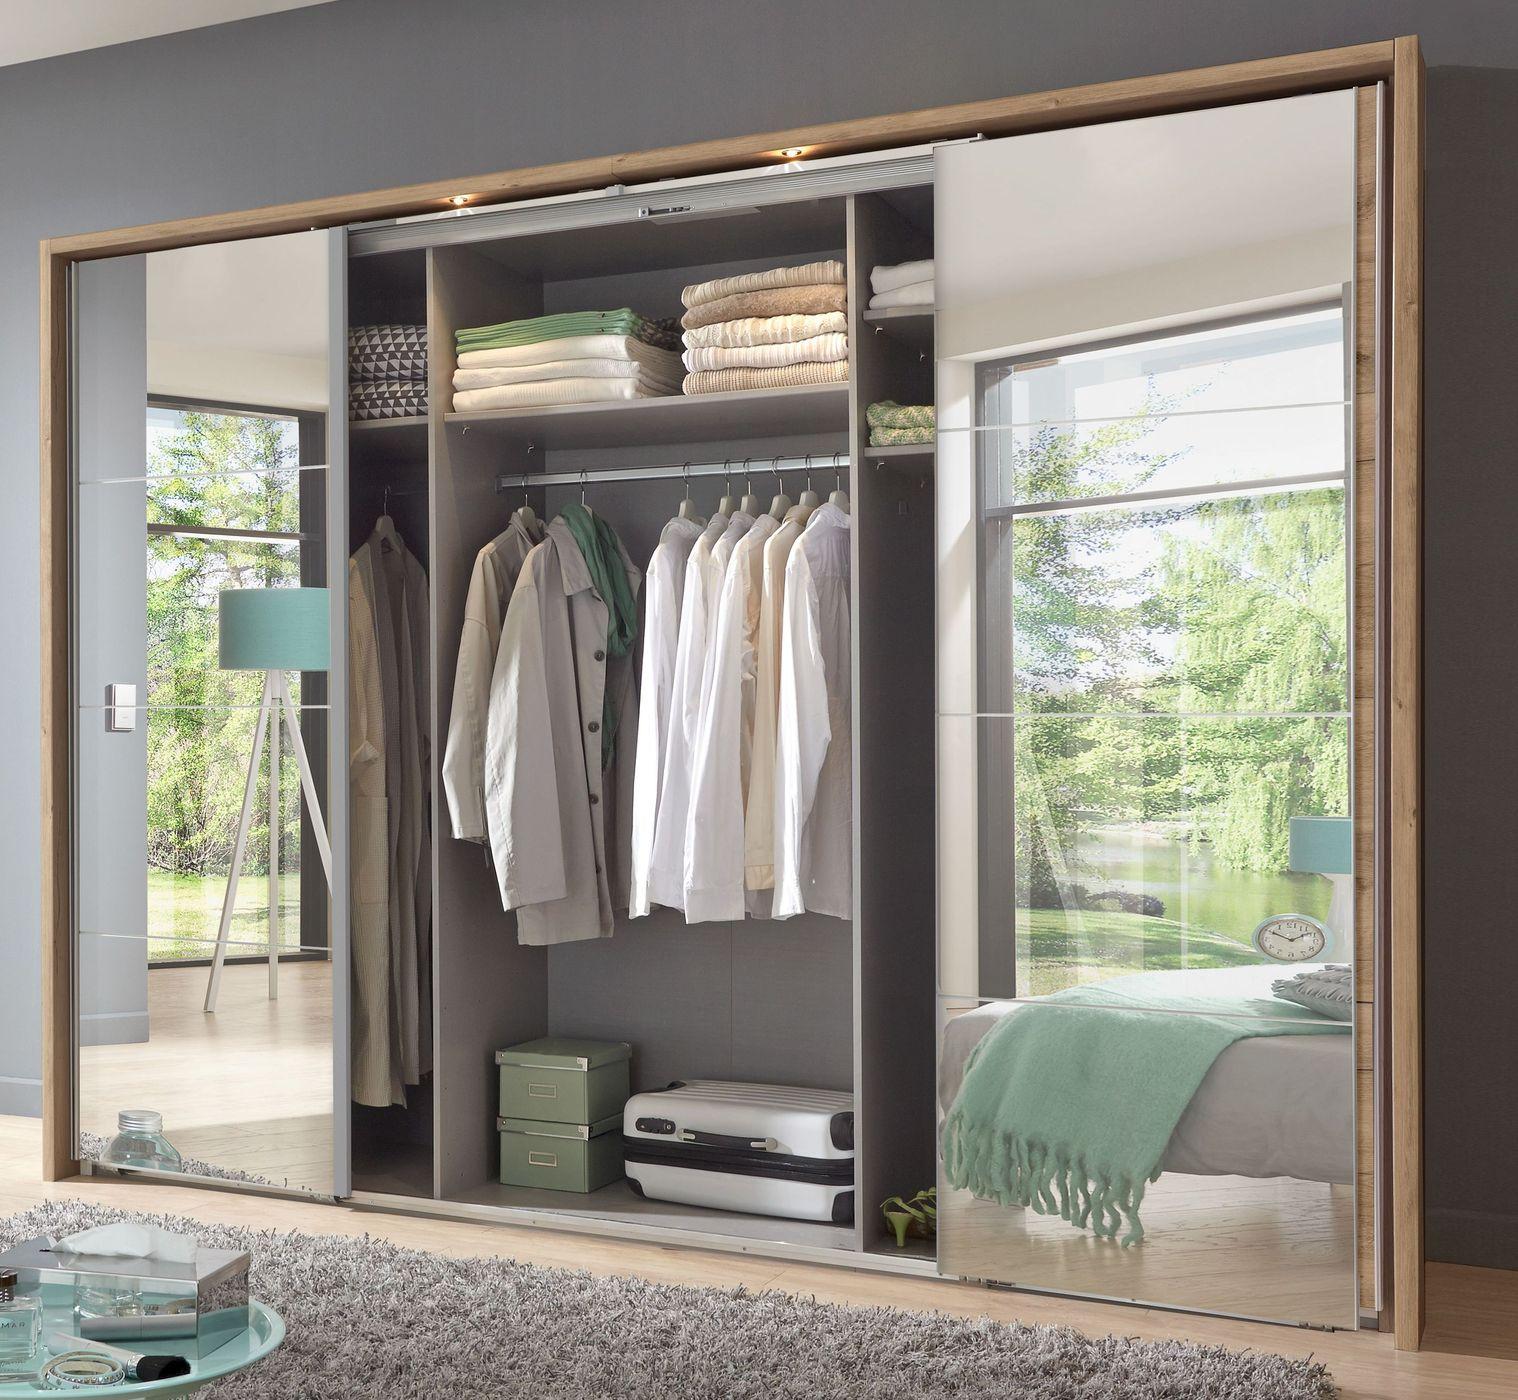 kleiderschrank in plankeneiche dekor mit spiegelfront rovito. Black Bedroom Furniture Sets. Home Design Ideas